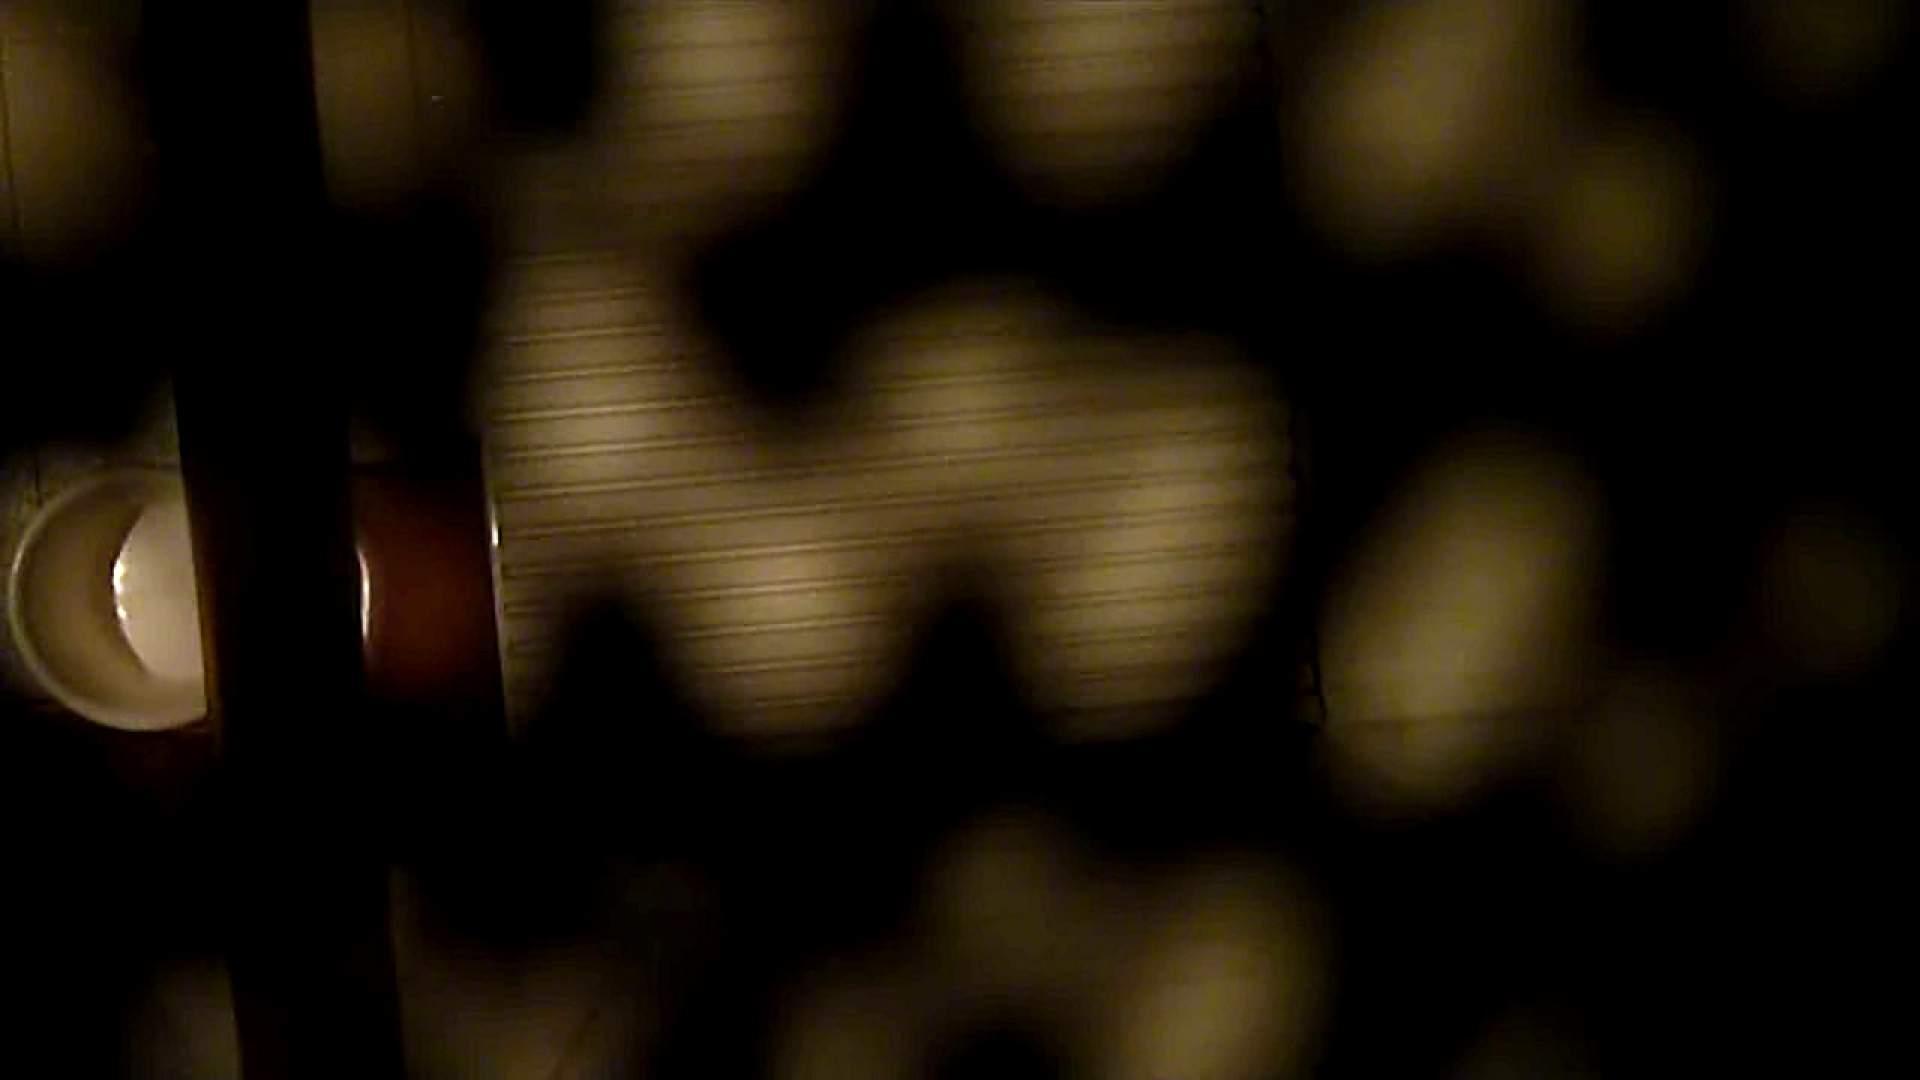 vol.1 Mayumi 窓越しに入浴シーン撮影に成功 いやらしいOL | 0  60連発 43